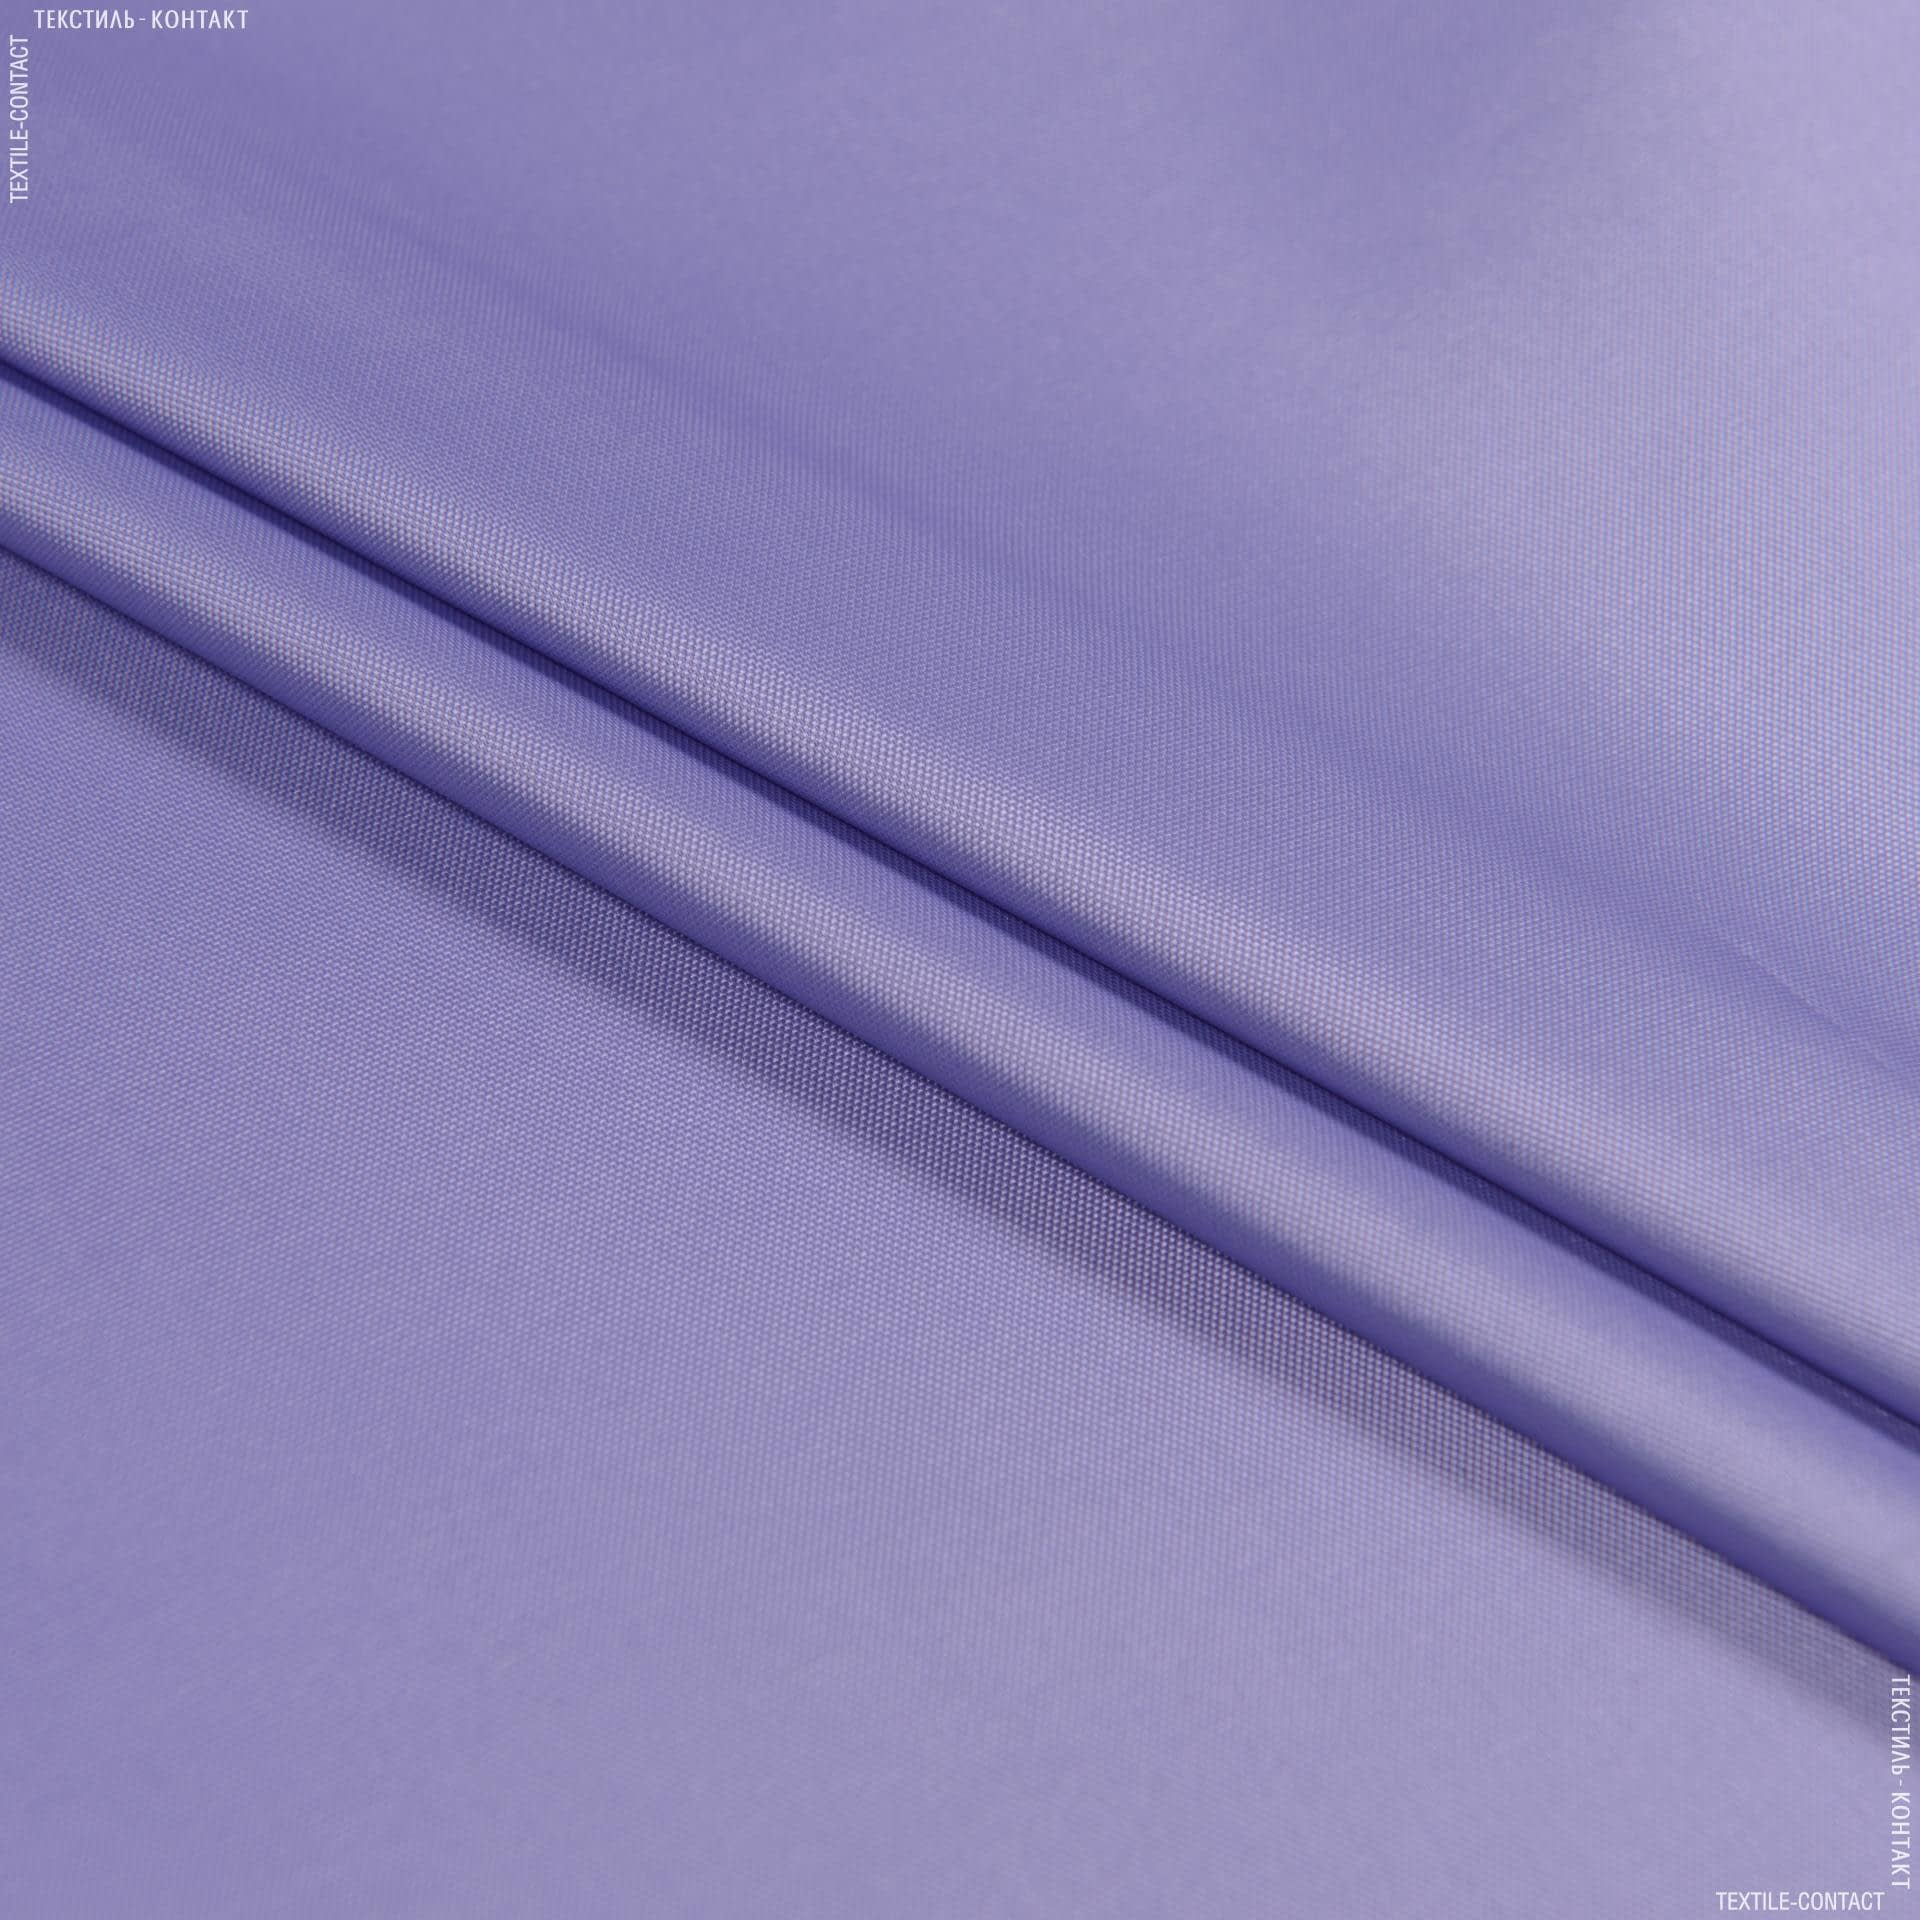 Тканини для верхнього одягу - Болонія сільвер бузковий